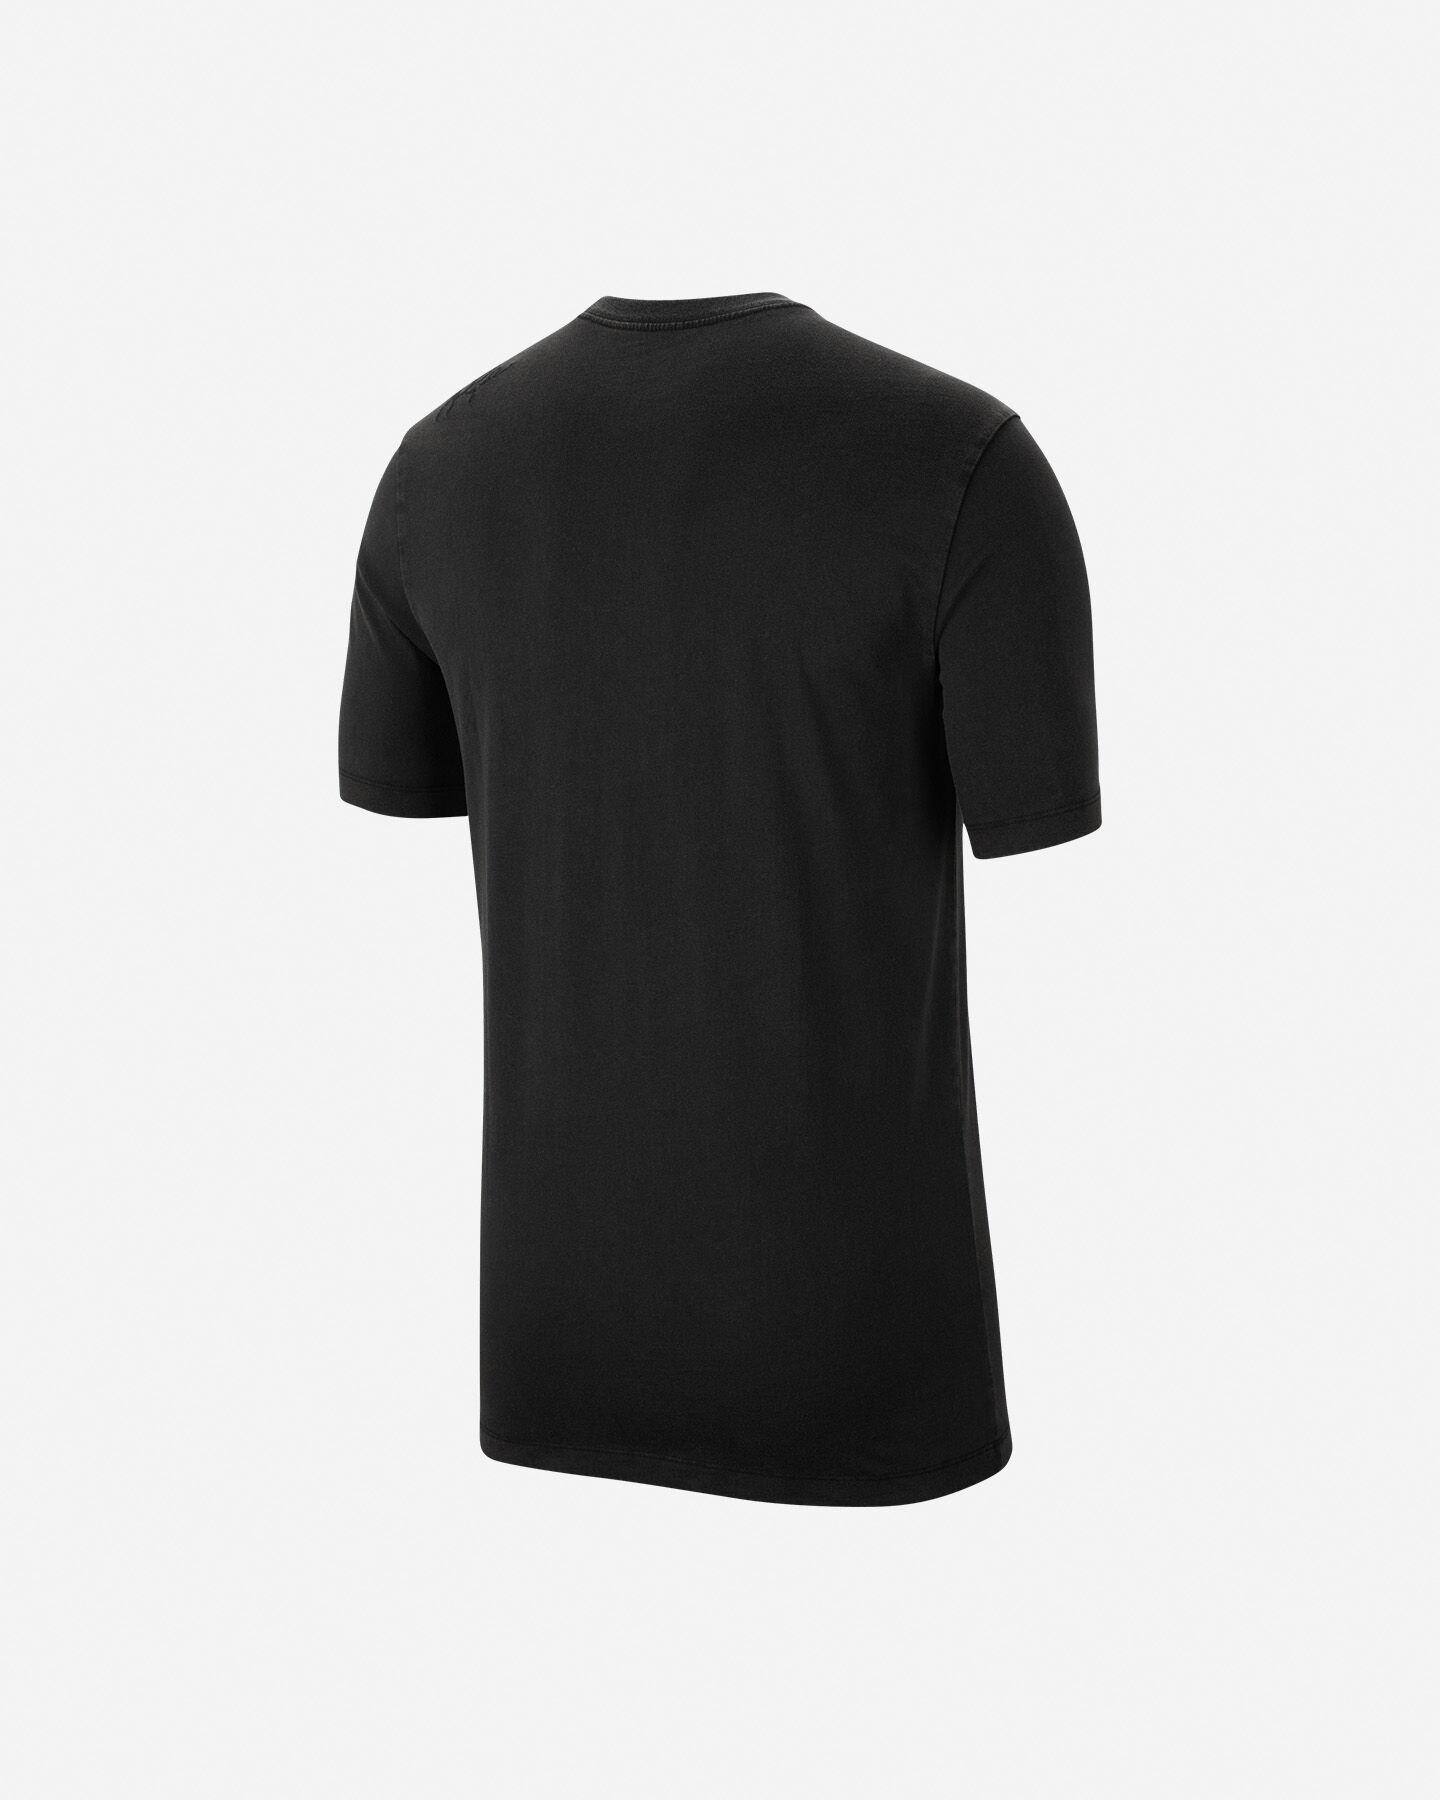 T-Shirt NIKE JORDAN FLIGHT ESSENTIALS M S5237916 scatto 1